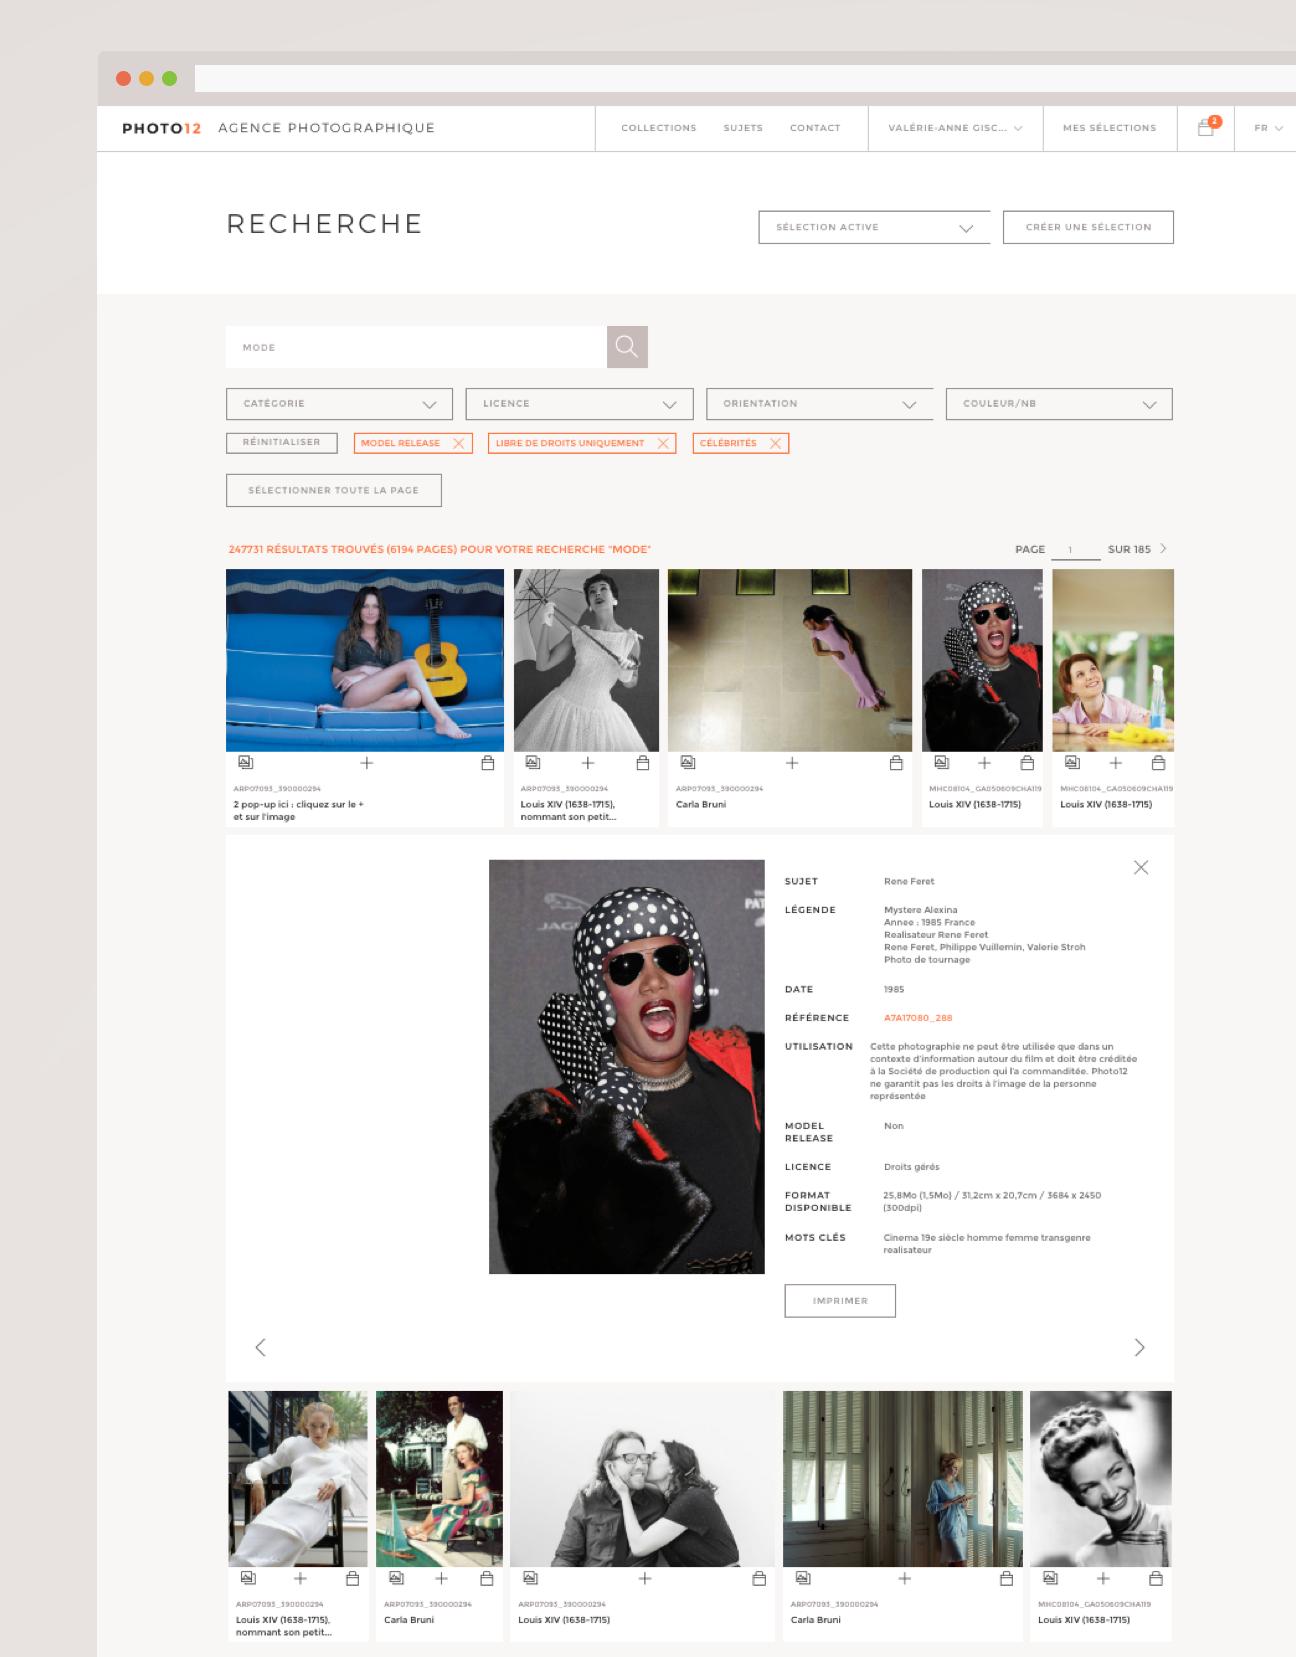 Refonte de la banque d'images : page de recherche